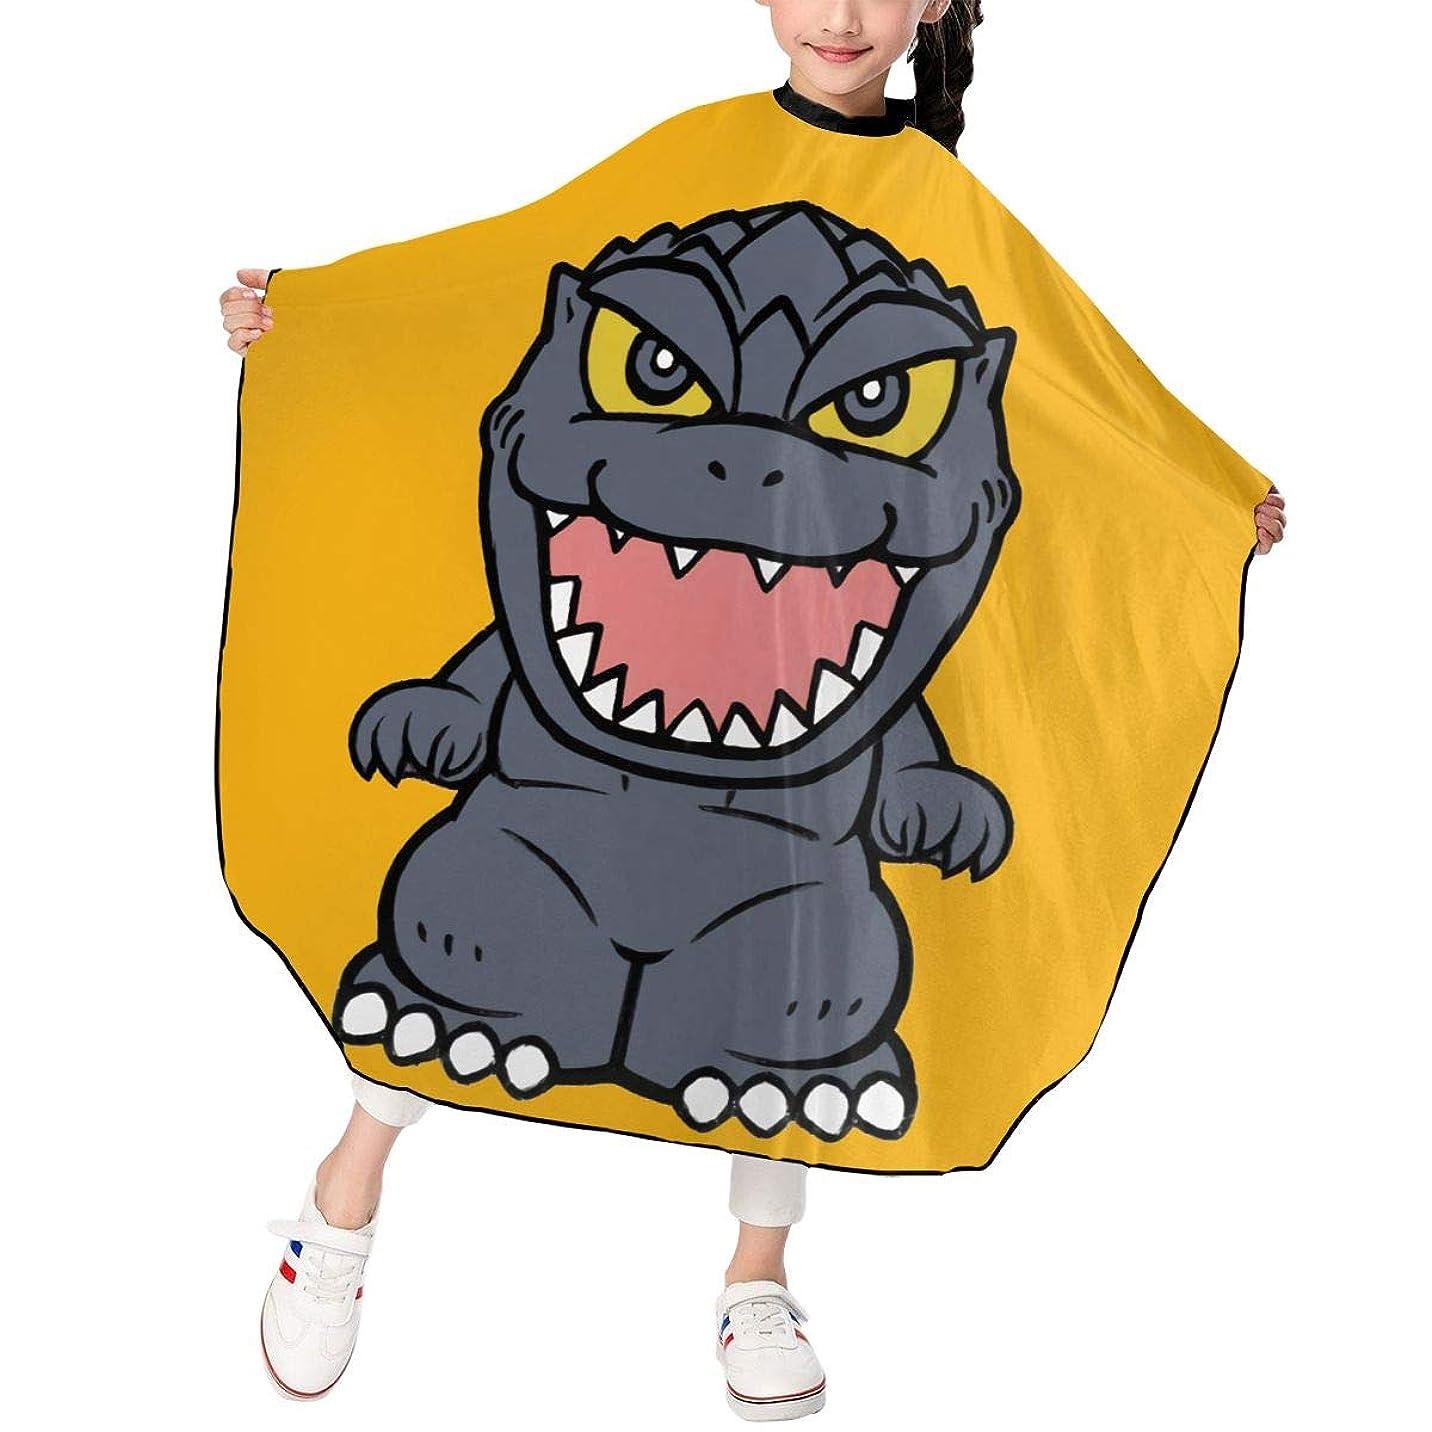 凍る許さない右PST-LF Godzilla ゴジラ 恐竜 散髪ケープ 散髪マント ファミリー理髪 折りたたみ式 ヘアカットケープ ヘアダイケープ 自宅 サロン 防水 散髪マント 幼児用 ヘアカット 子供用ヘアカットケープ 散髪ケープ